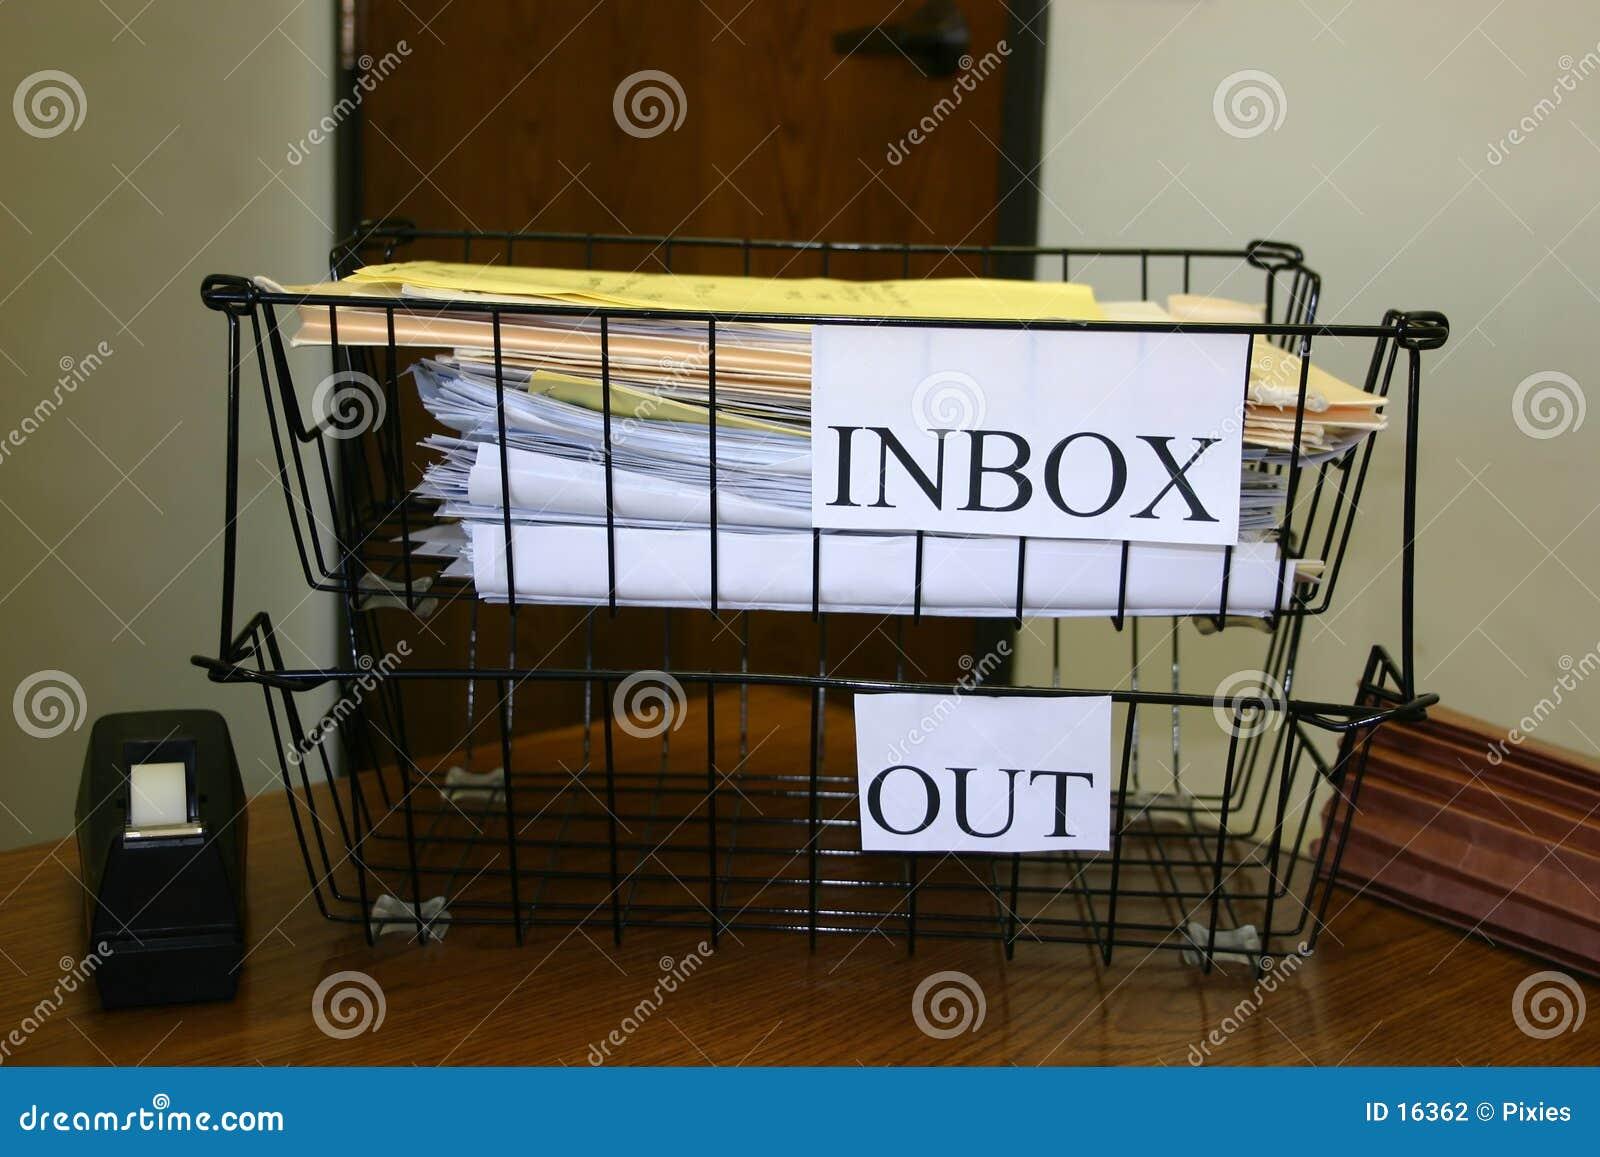 Inbox мое